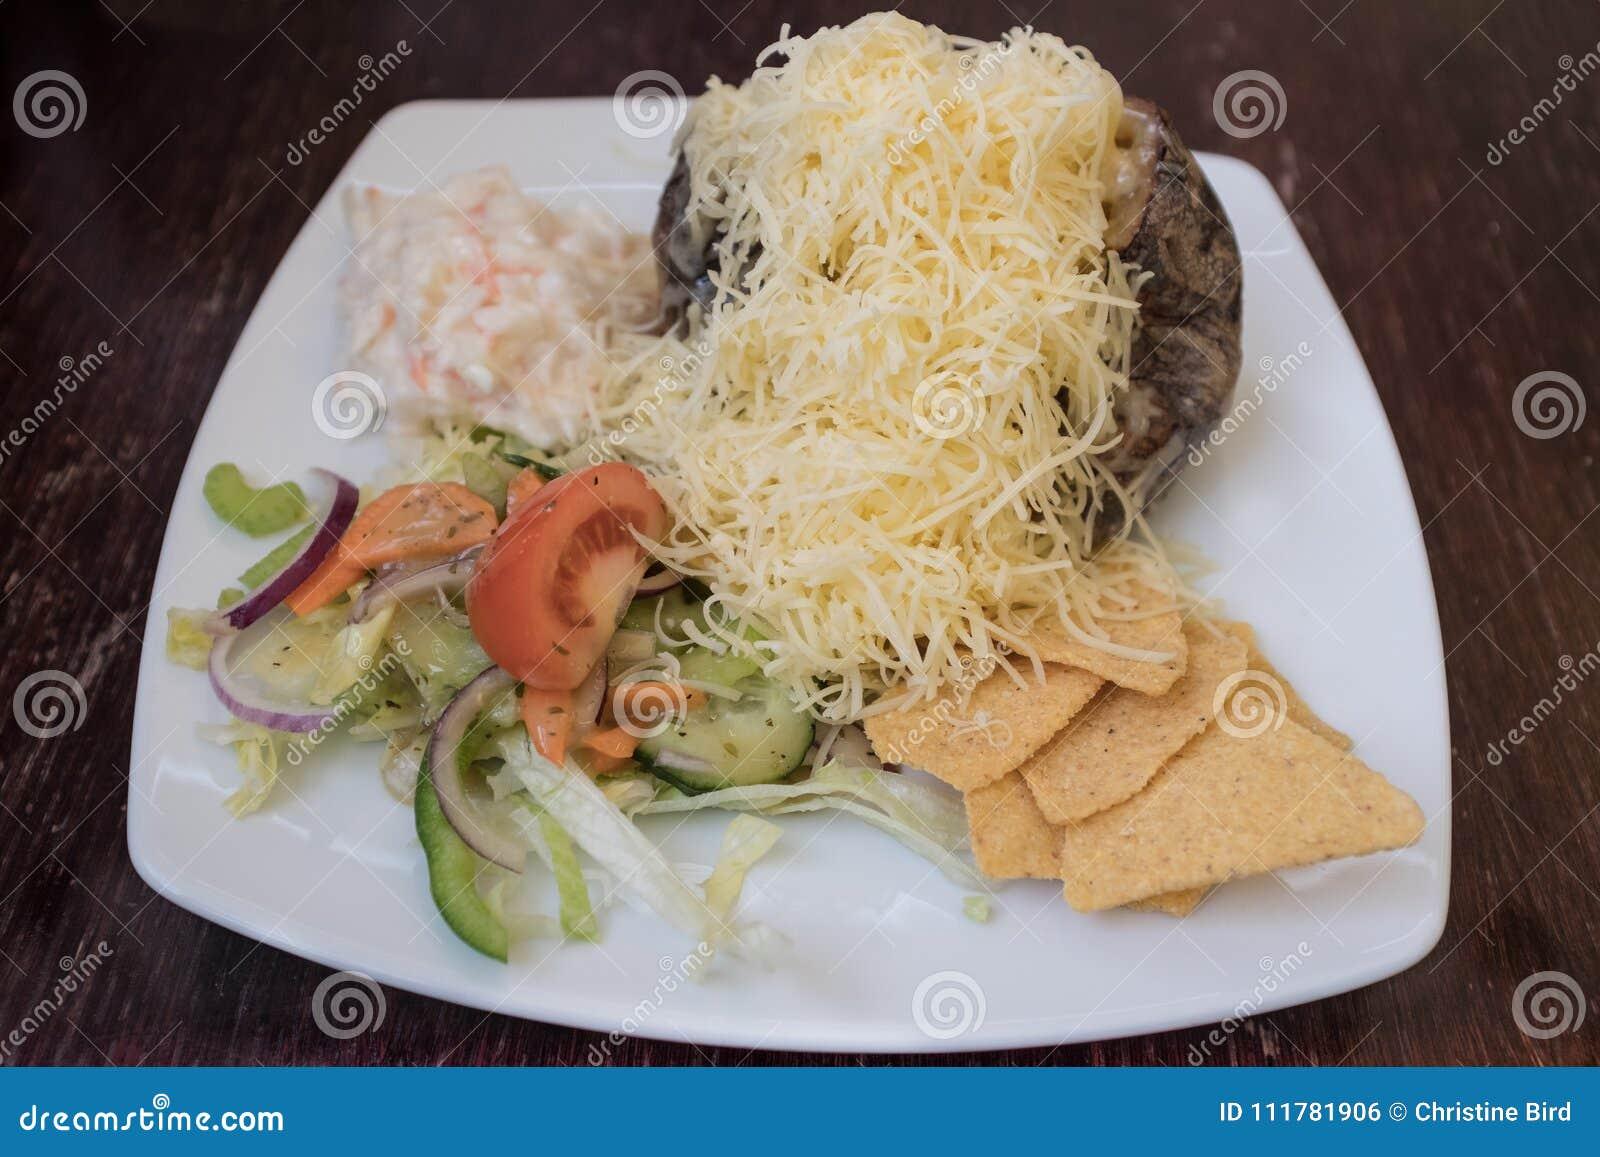 Aardappel in de schil met geraspte kaas, koolsla en salade